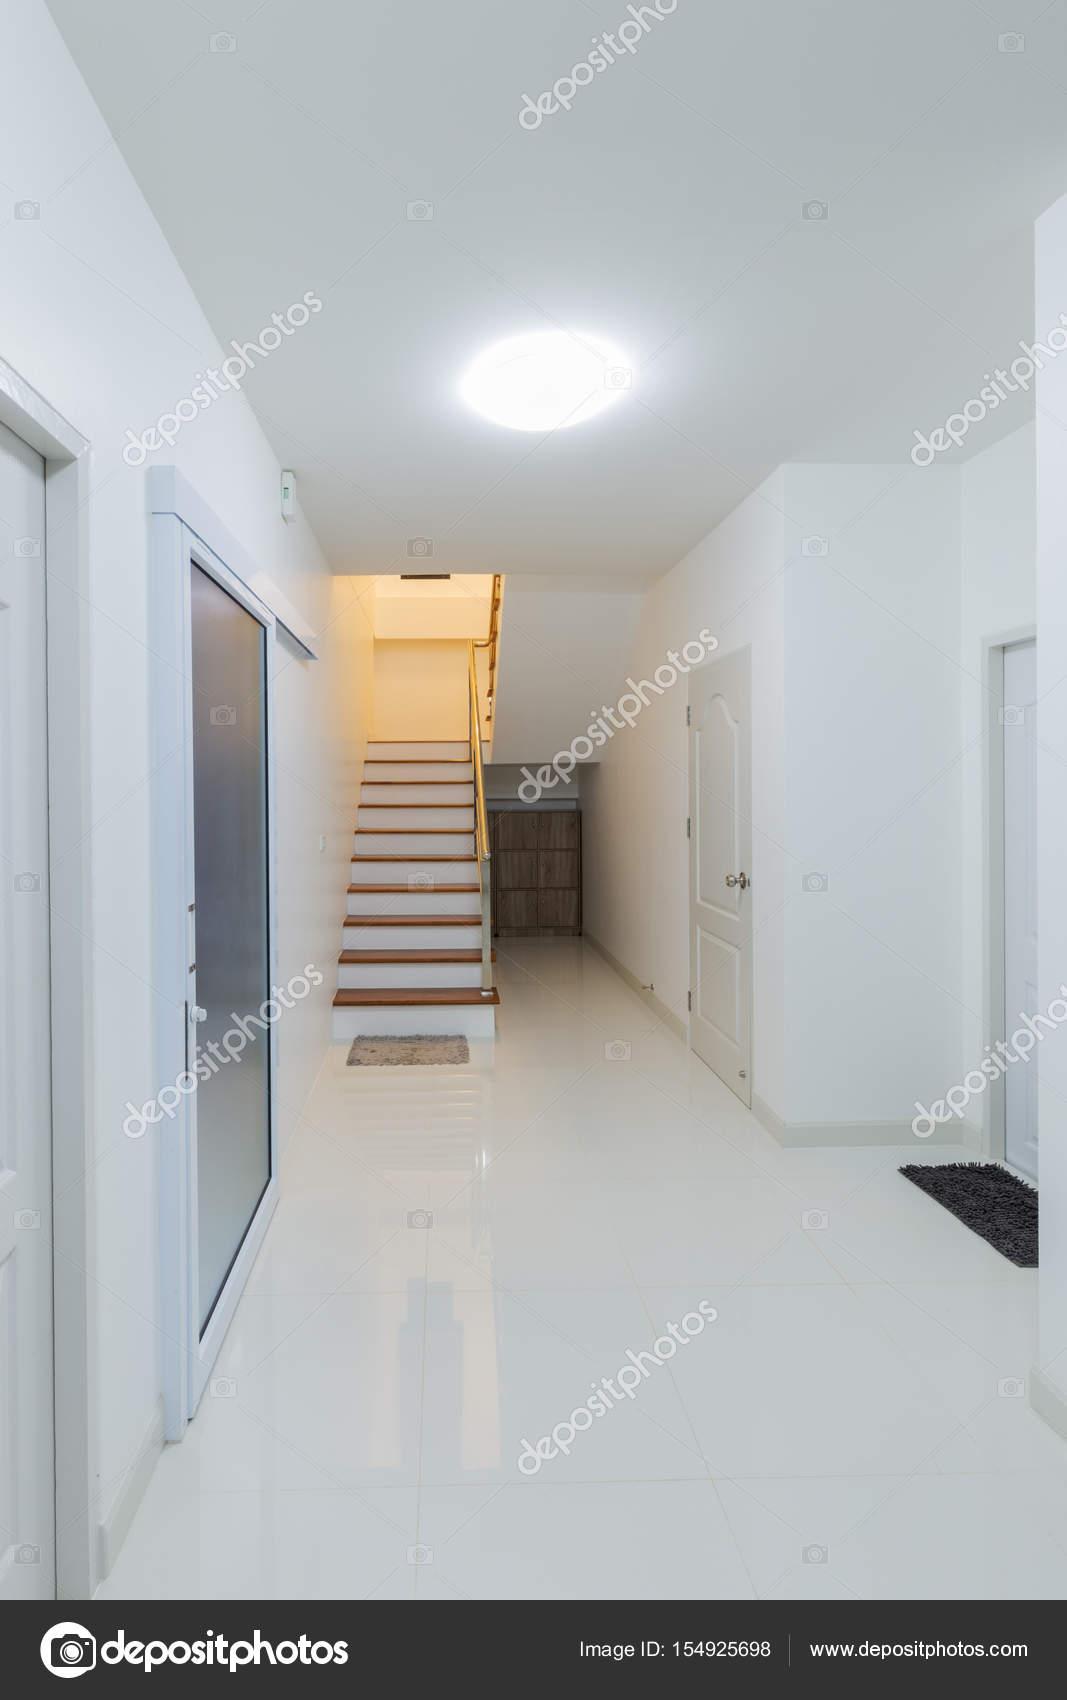 Verführerisch Treppen Im Haus Ideen Von Kleiner Saal Zimmer Und — Stockfoto